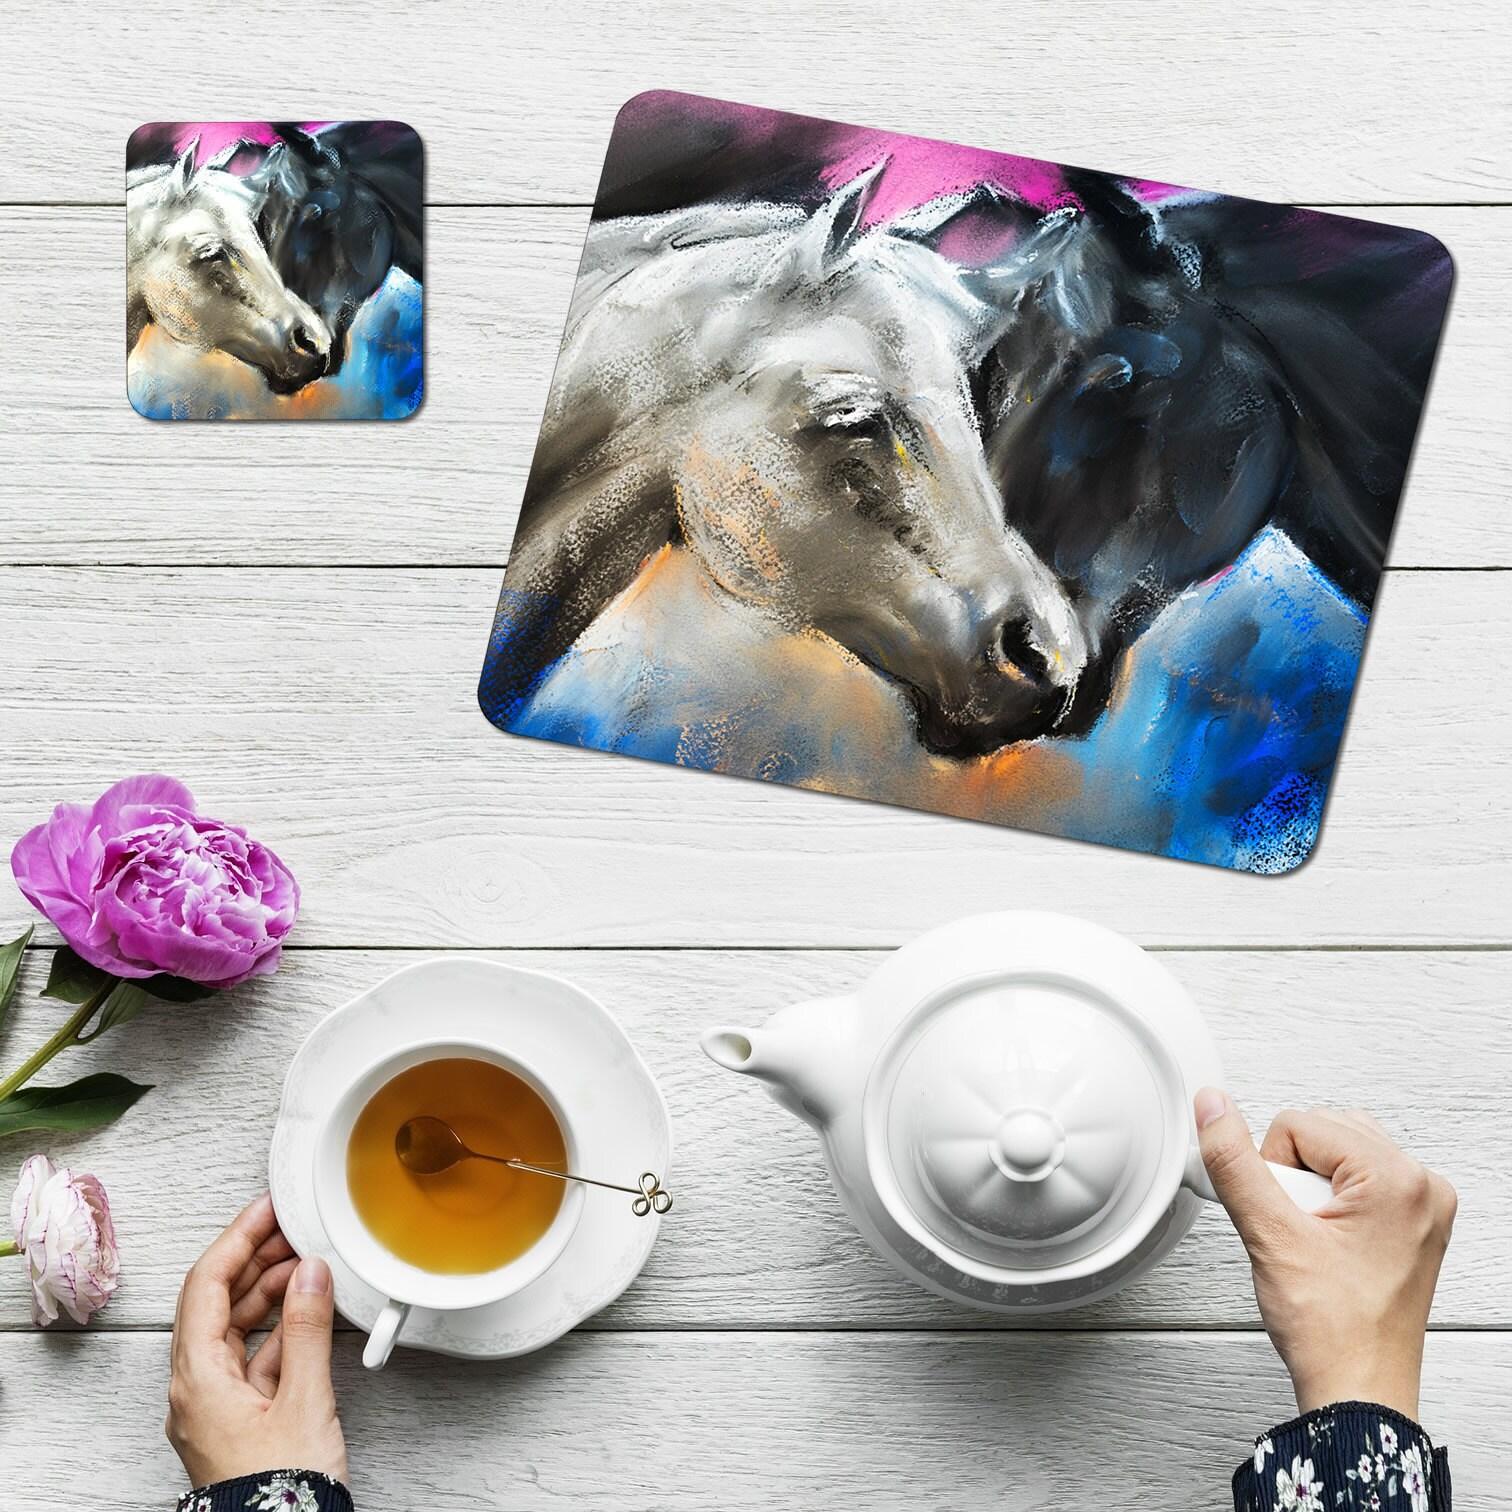 Arab Horse tabelware